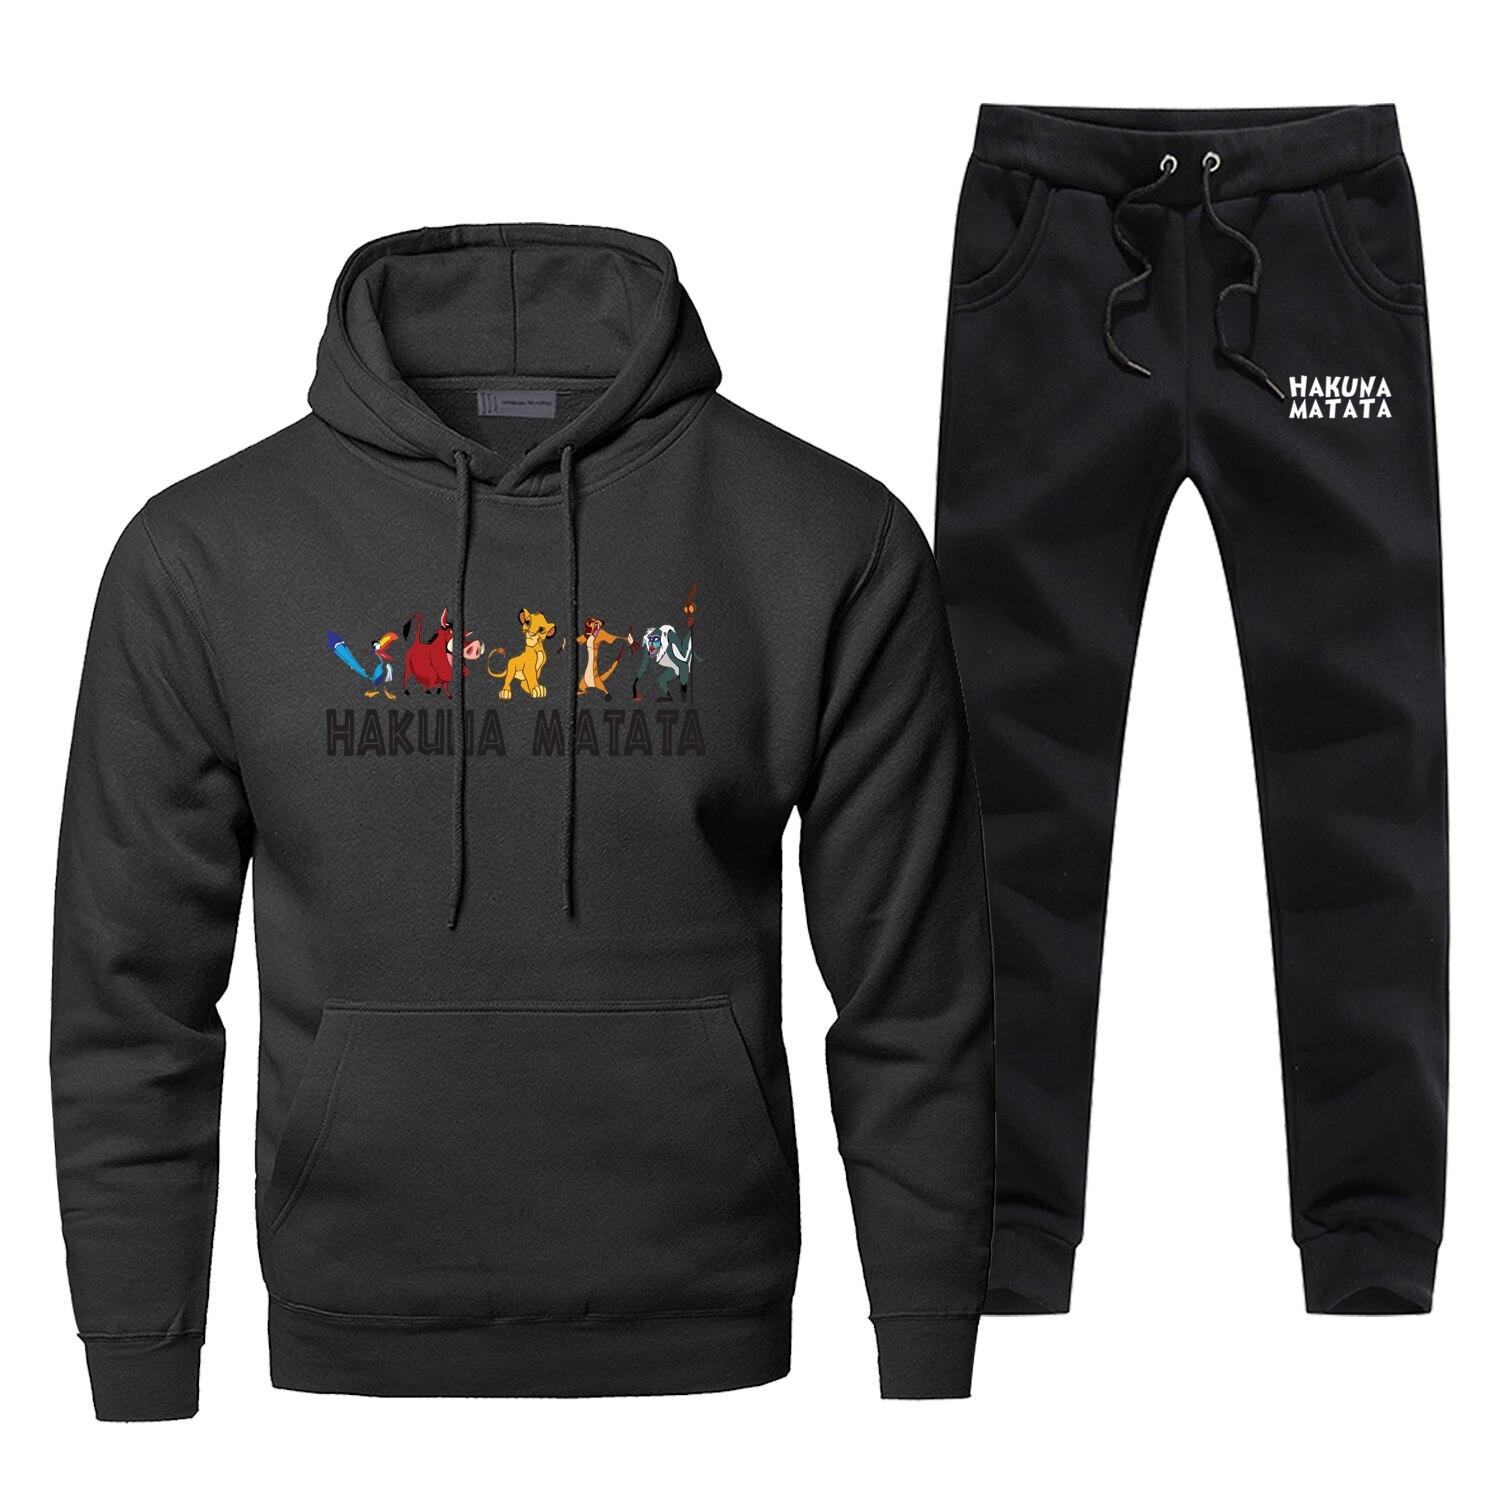 Lion King Hakuna Matata Hoodies Pants Set Men Hoodie Sweatshirt Mens Hoodies Pollover 2 Piece Set Streetwear Male Sweatshirts